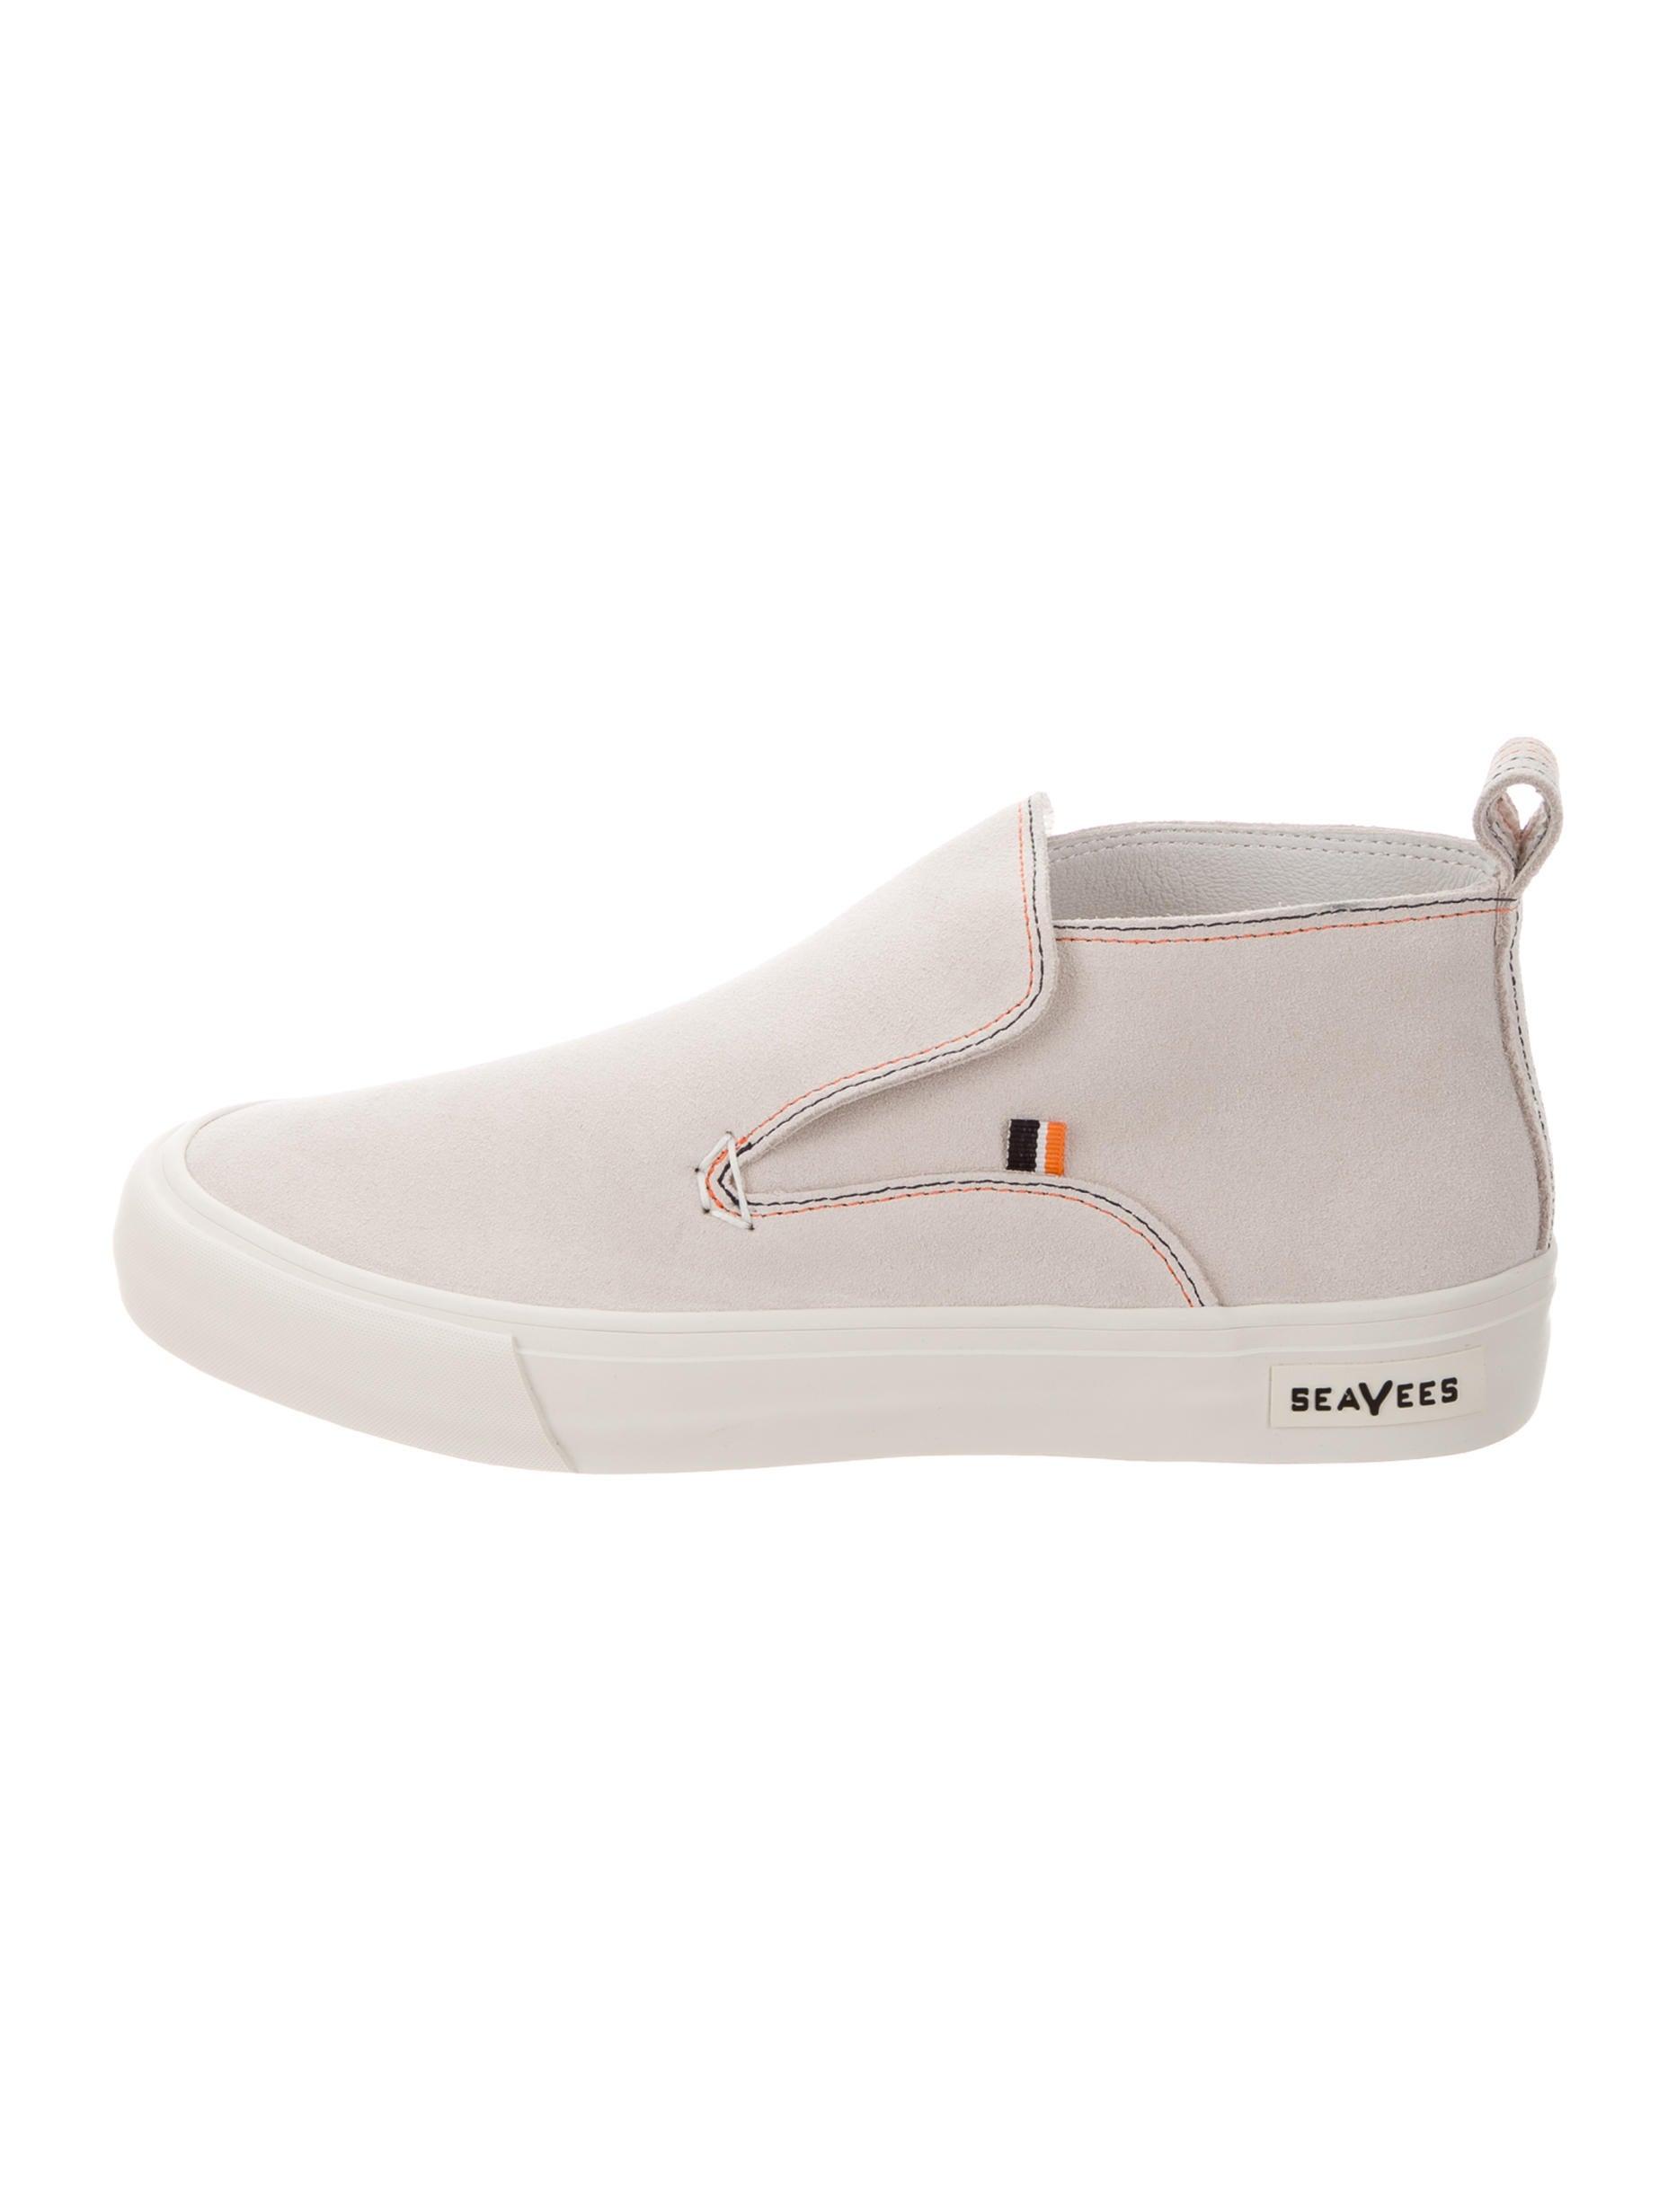 cheap online shop sale excellent Derek Lam Suede Low Top Sneakers w/ Tags cheap sale lowest price lowest price for sale online Shop HodjvOAuJ5